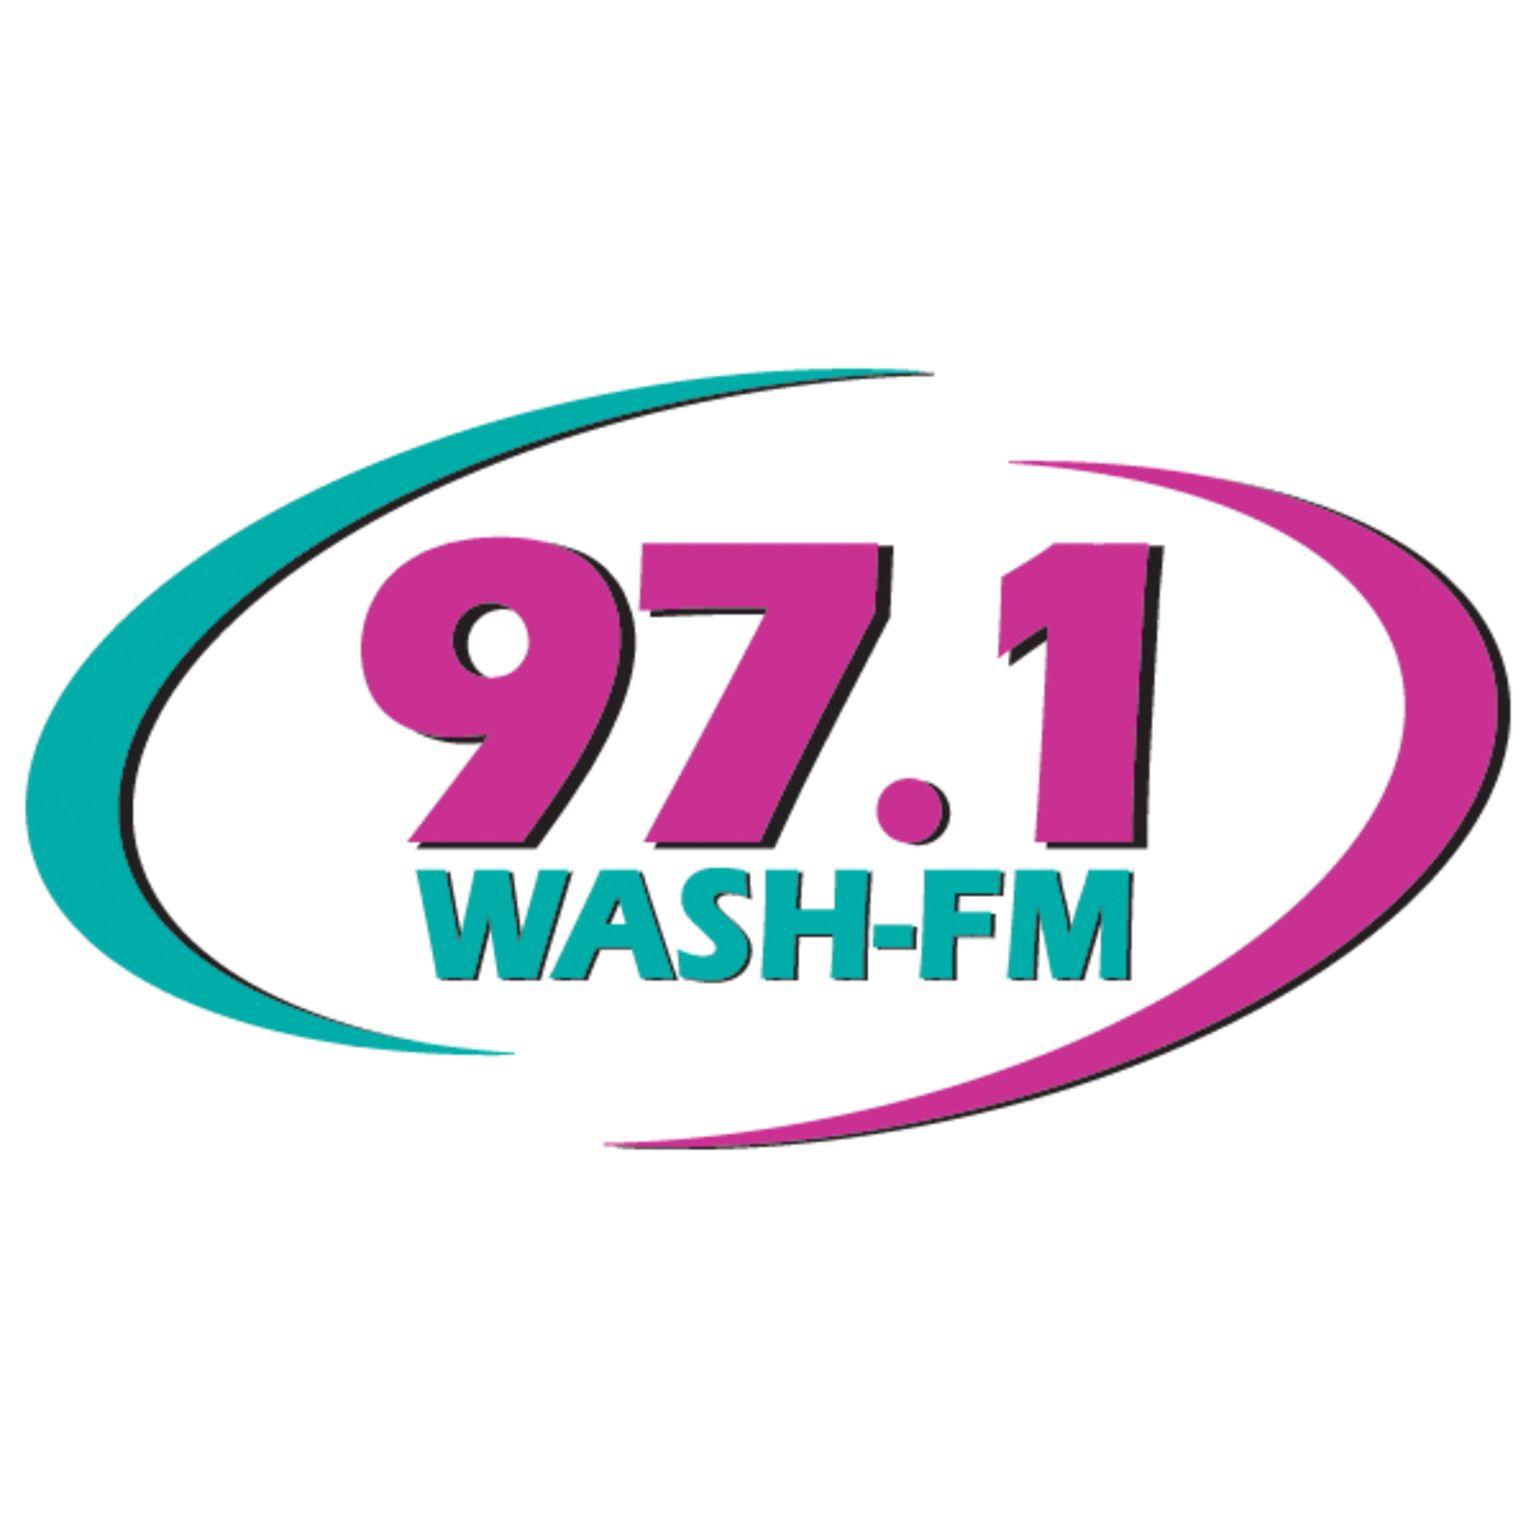 I\'m listening to 97.1 WASH-FM, Washington\'s Variety - 80s, 90s ...